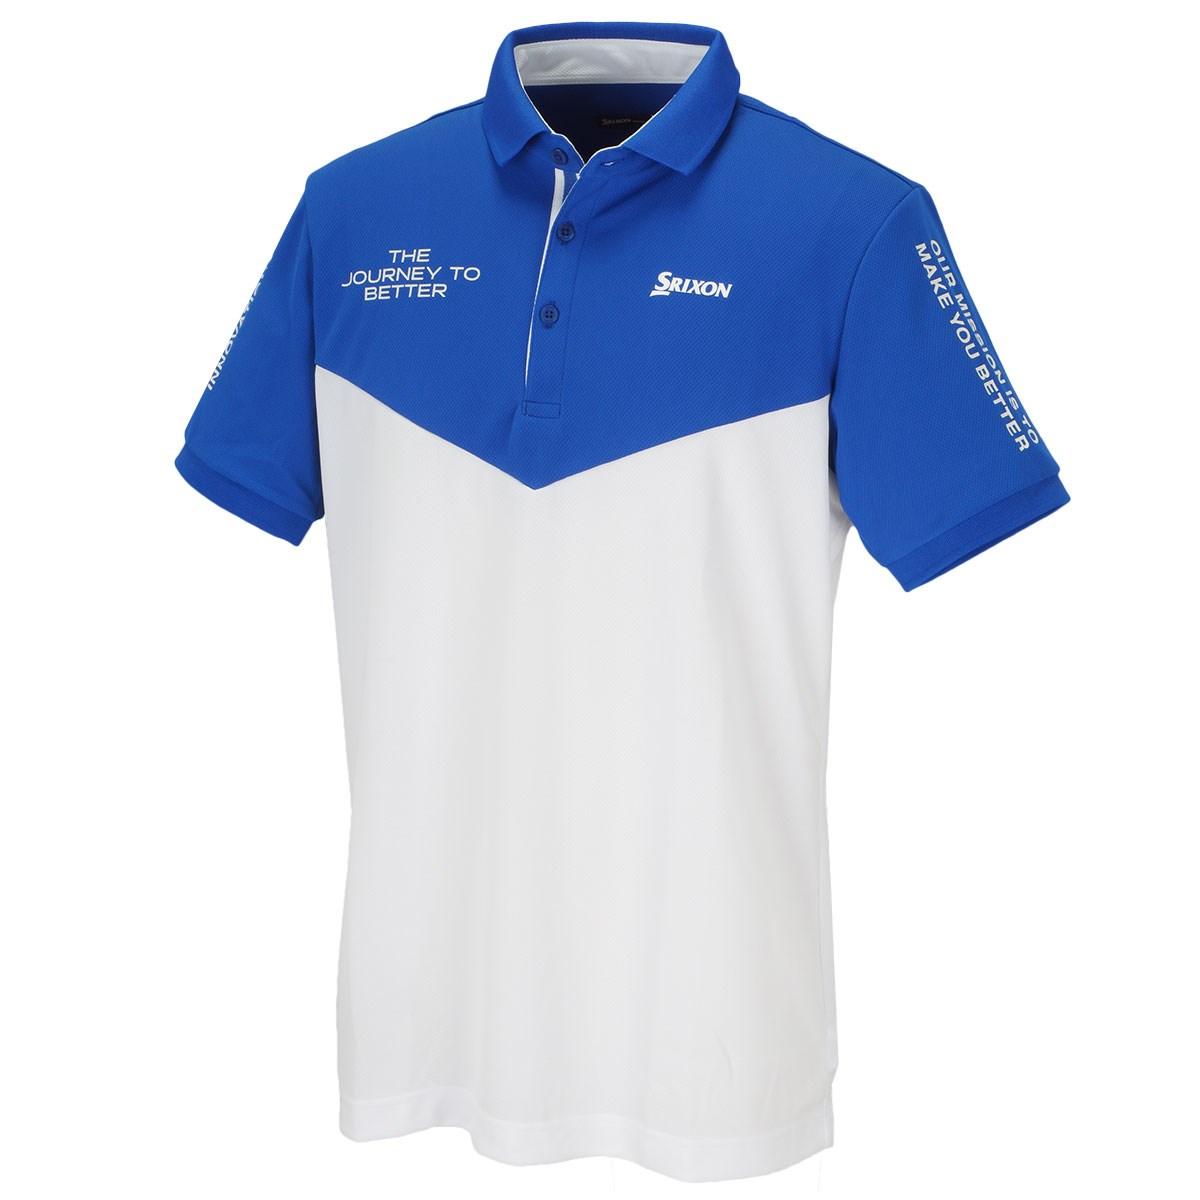 スリクソンゴルフ 切り替えタイポデザイン 半袖ポロシャツ